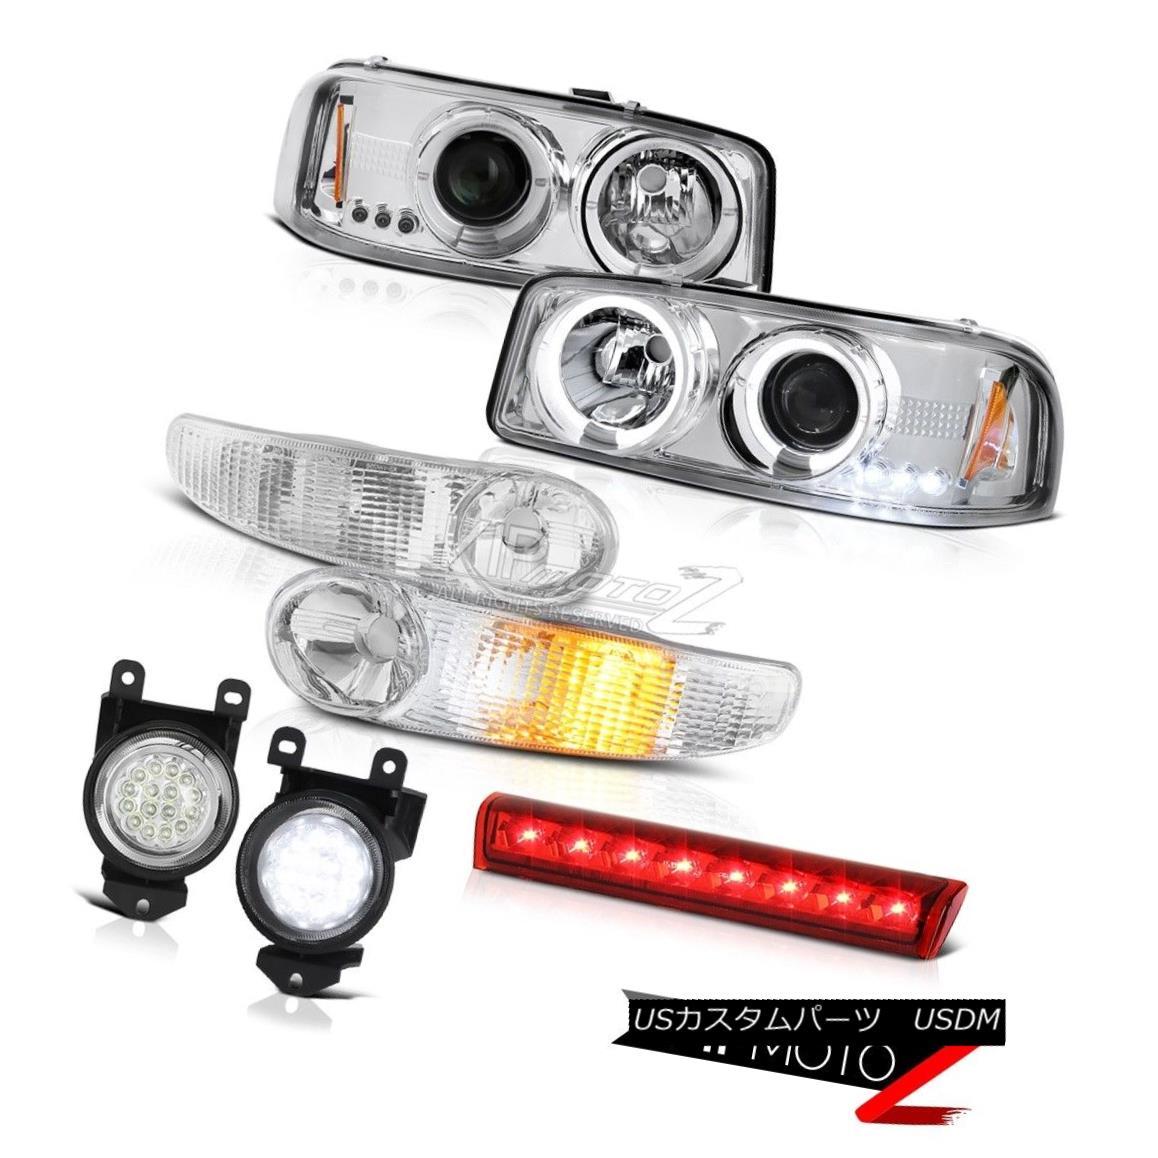 ヘッドライト LED Angel Eye 01-06 GMC Yukon XL Denali Headlights Euro Parking Fog Light Brake LEDエンジェルアイ01-06 GMCユーコンXLデナリヘッドライトユーロパーキングフォグライトブレーキ